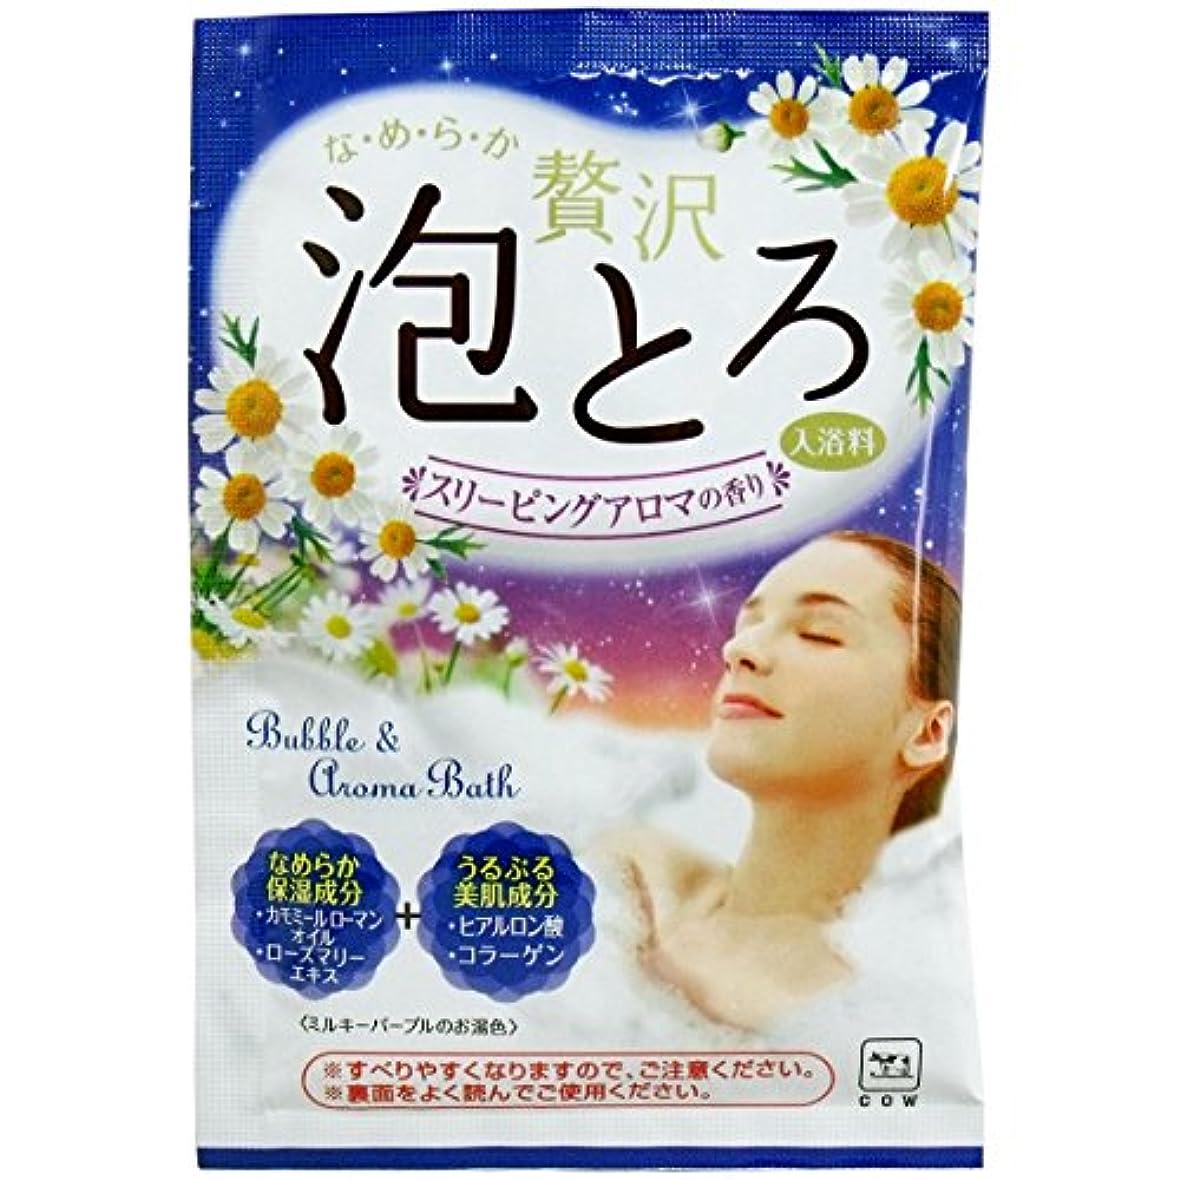 ターゲットオーバーランアリーナ(まとめ買い)お湯物語 贅沢泡とろ入浴料 スリーピングアロマの香り 30g×15セット